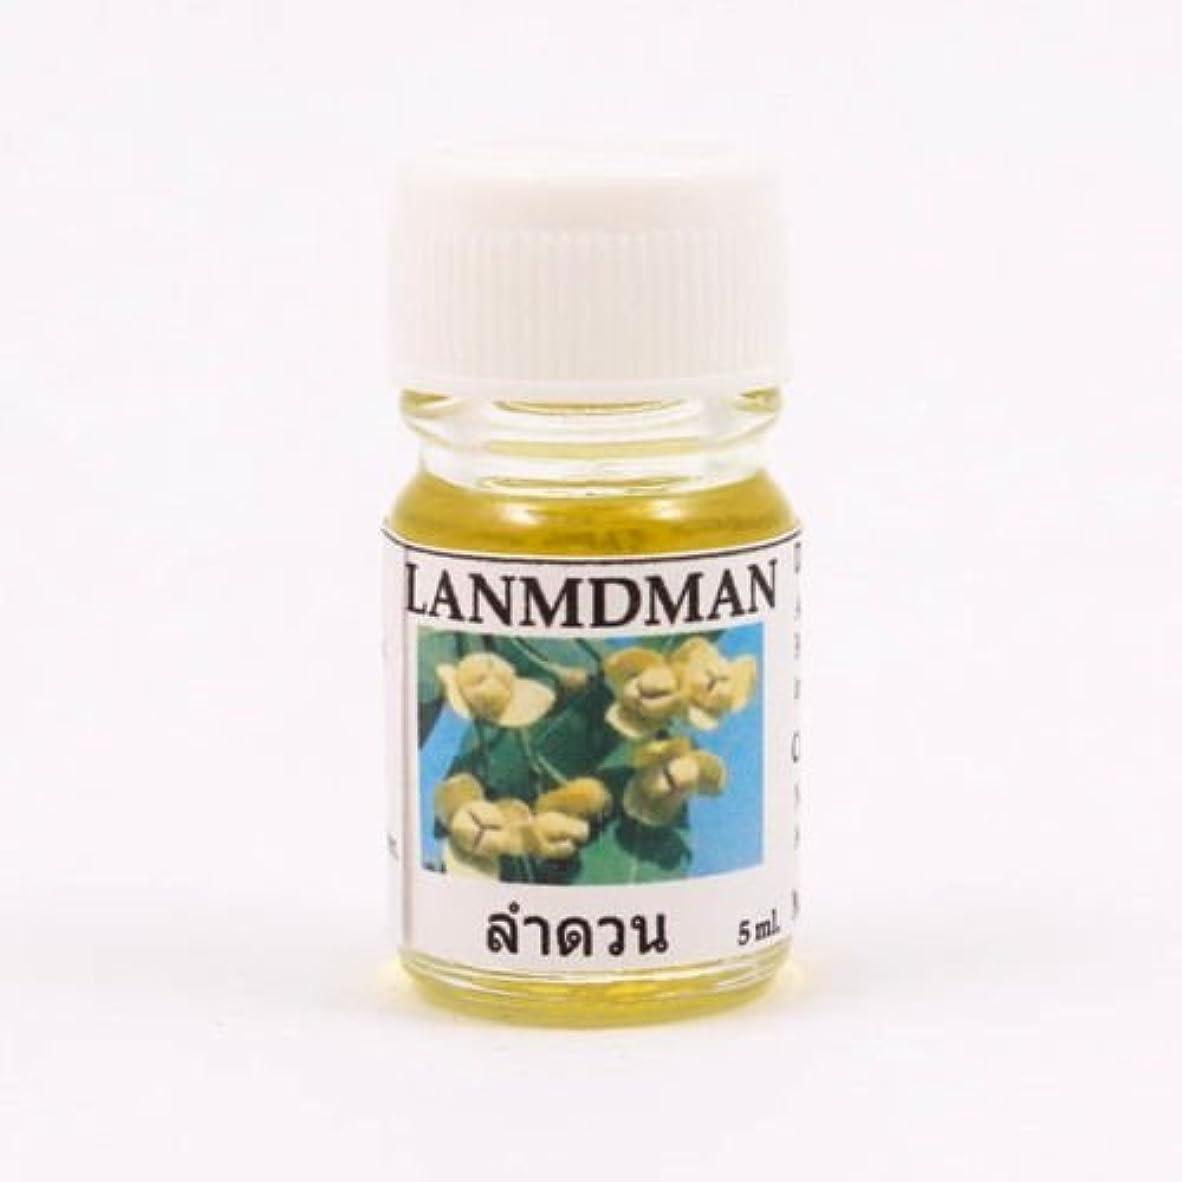 統治する町パズル6X Lanmdman Aroma Fragrance Essential Oil 5ML. cc Diffuser Burner Therapy